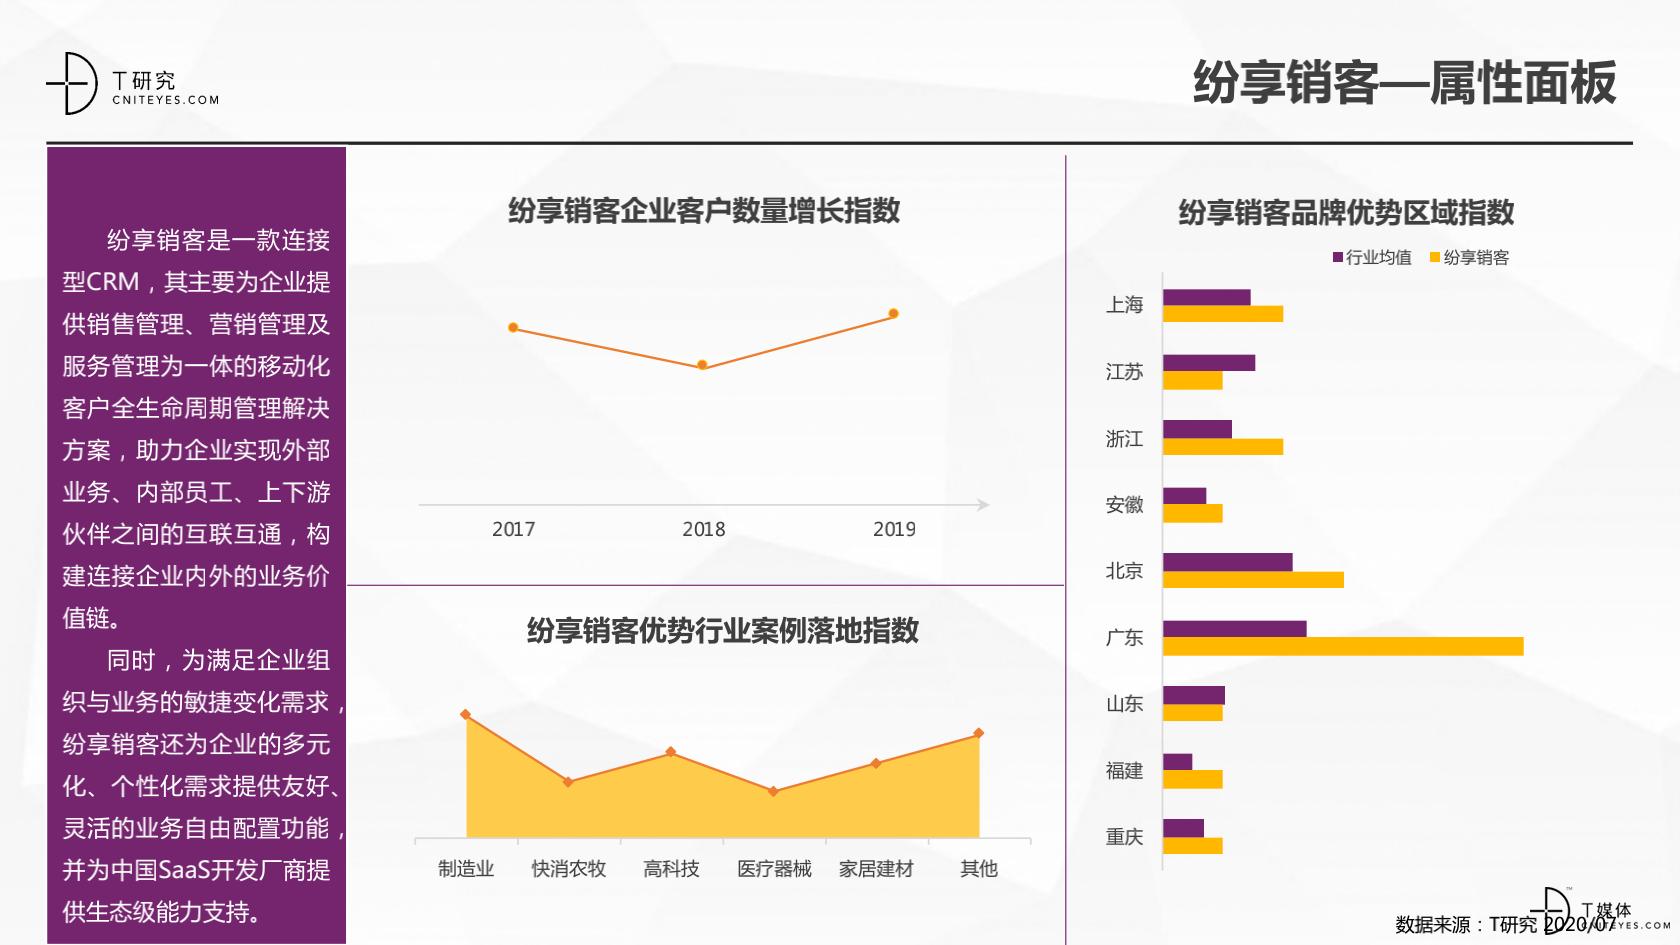 2_2020中国CRM指数测评报告v1.5_21.png